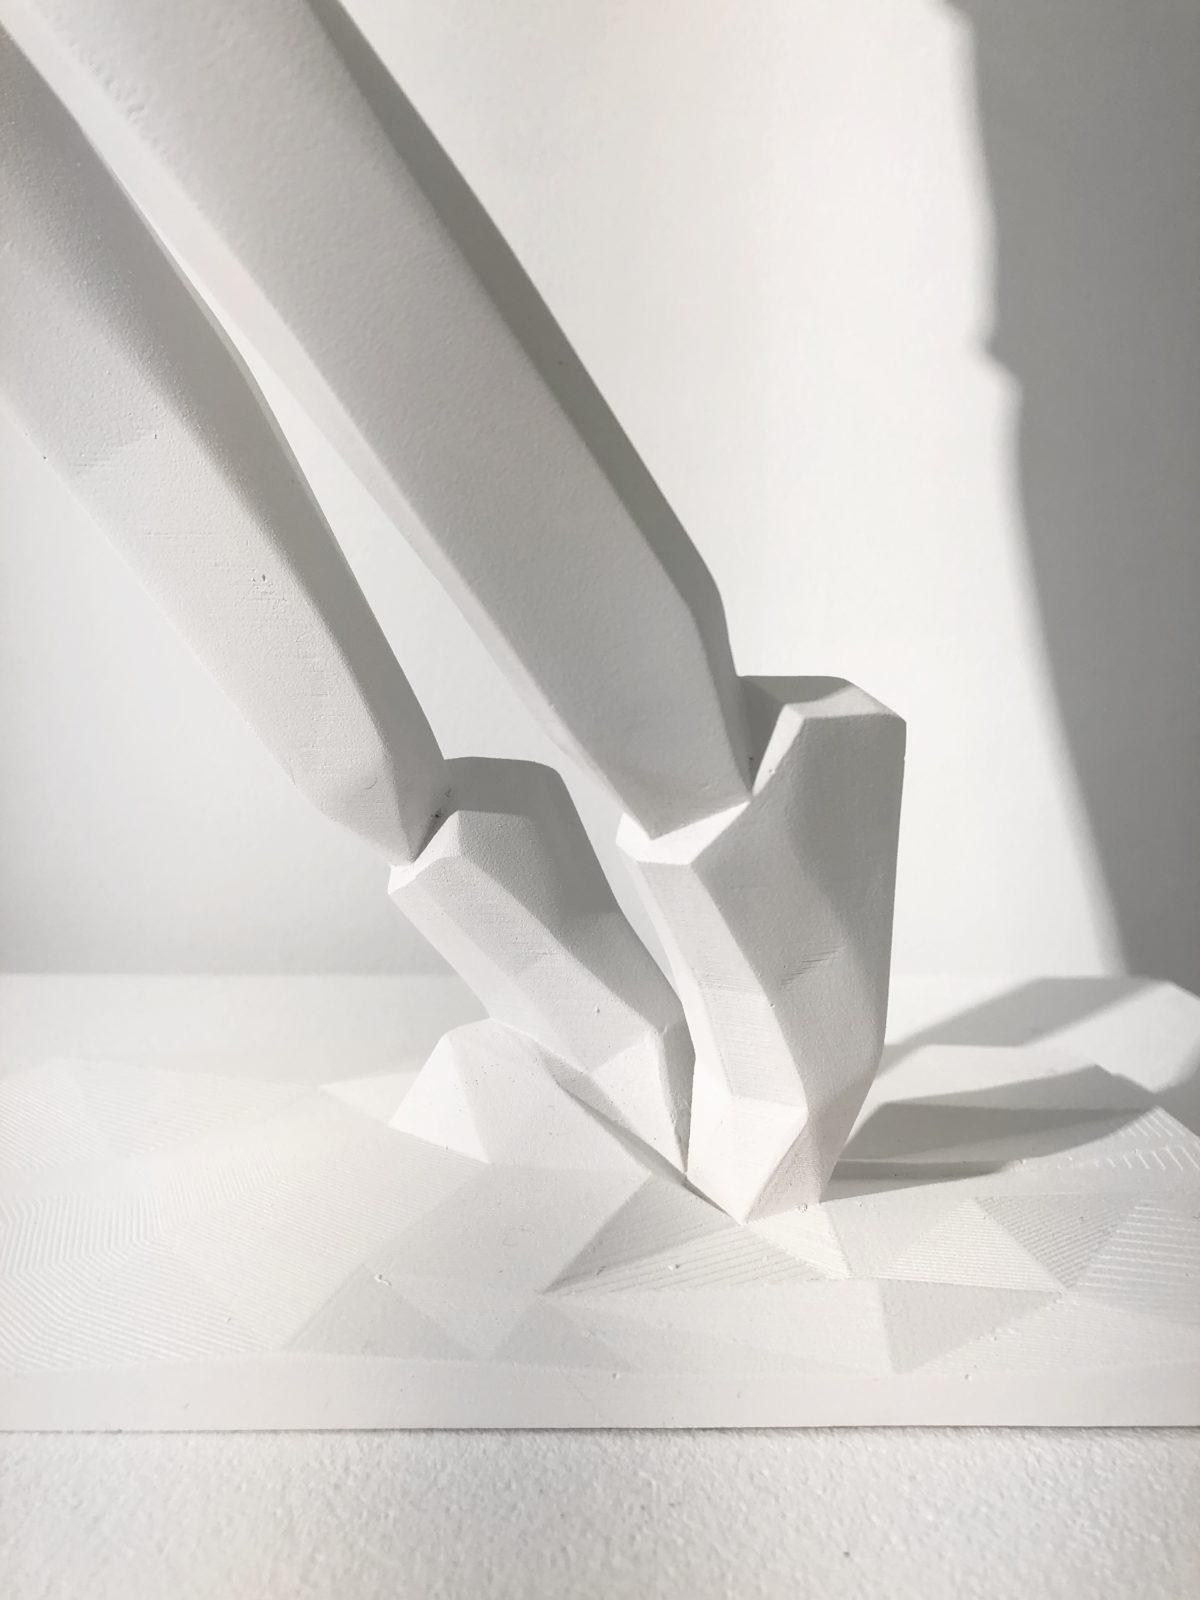 anti gravity - David Mesguich